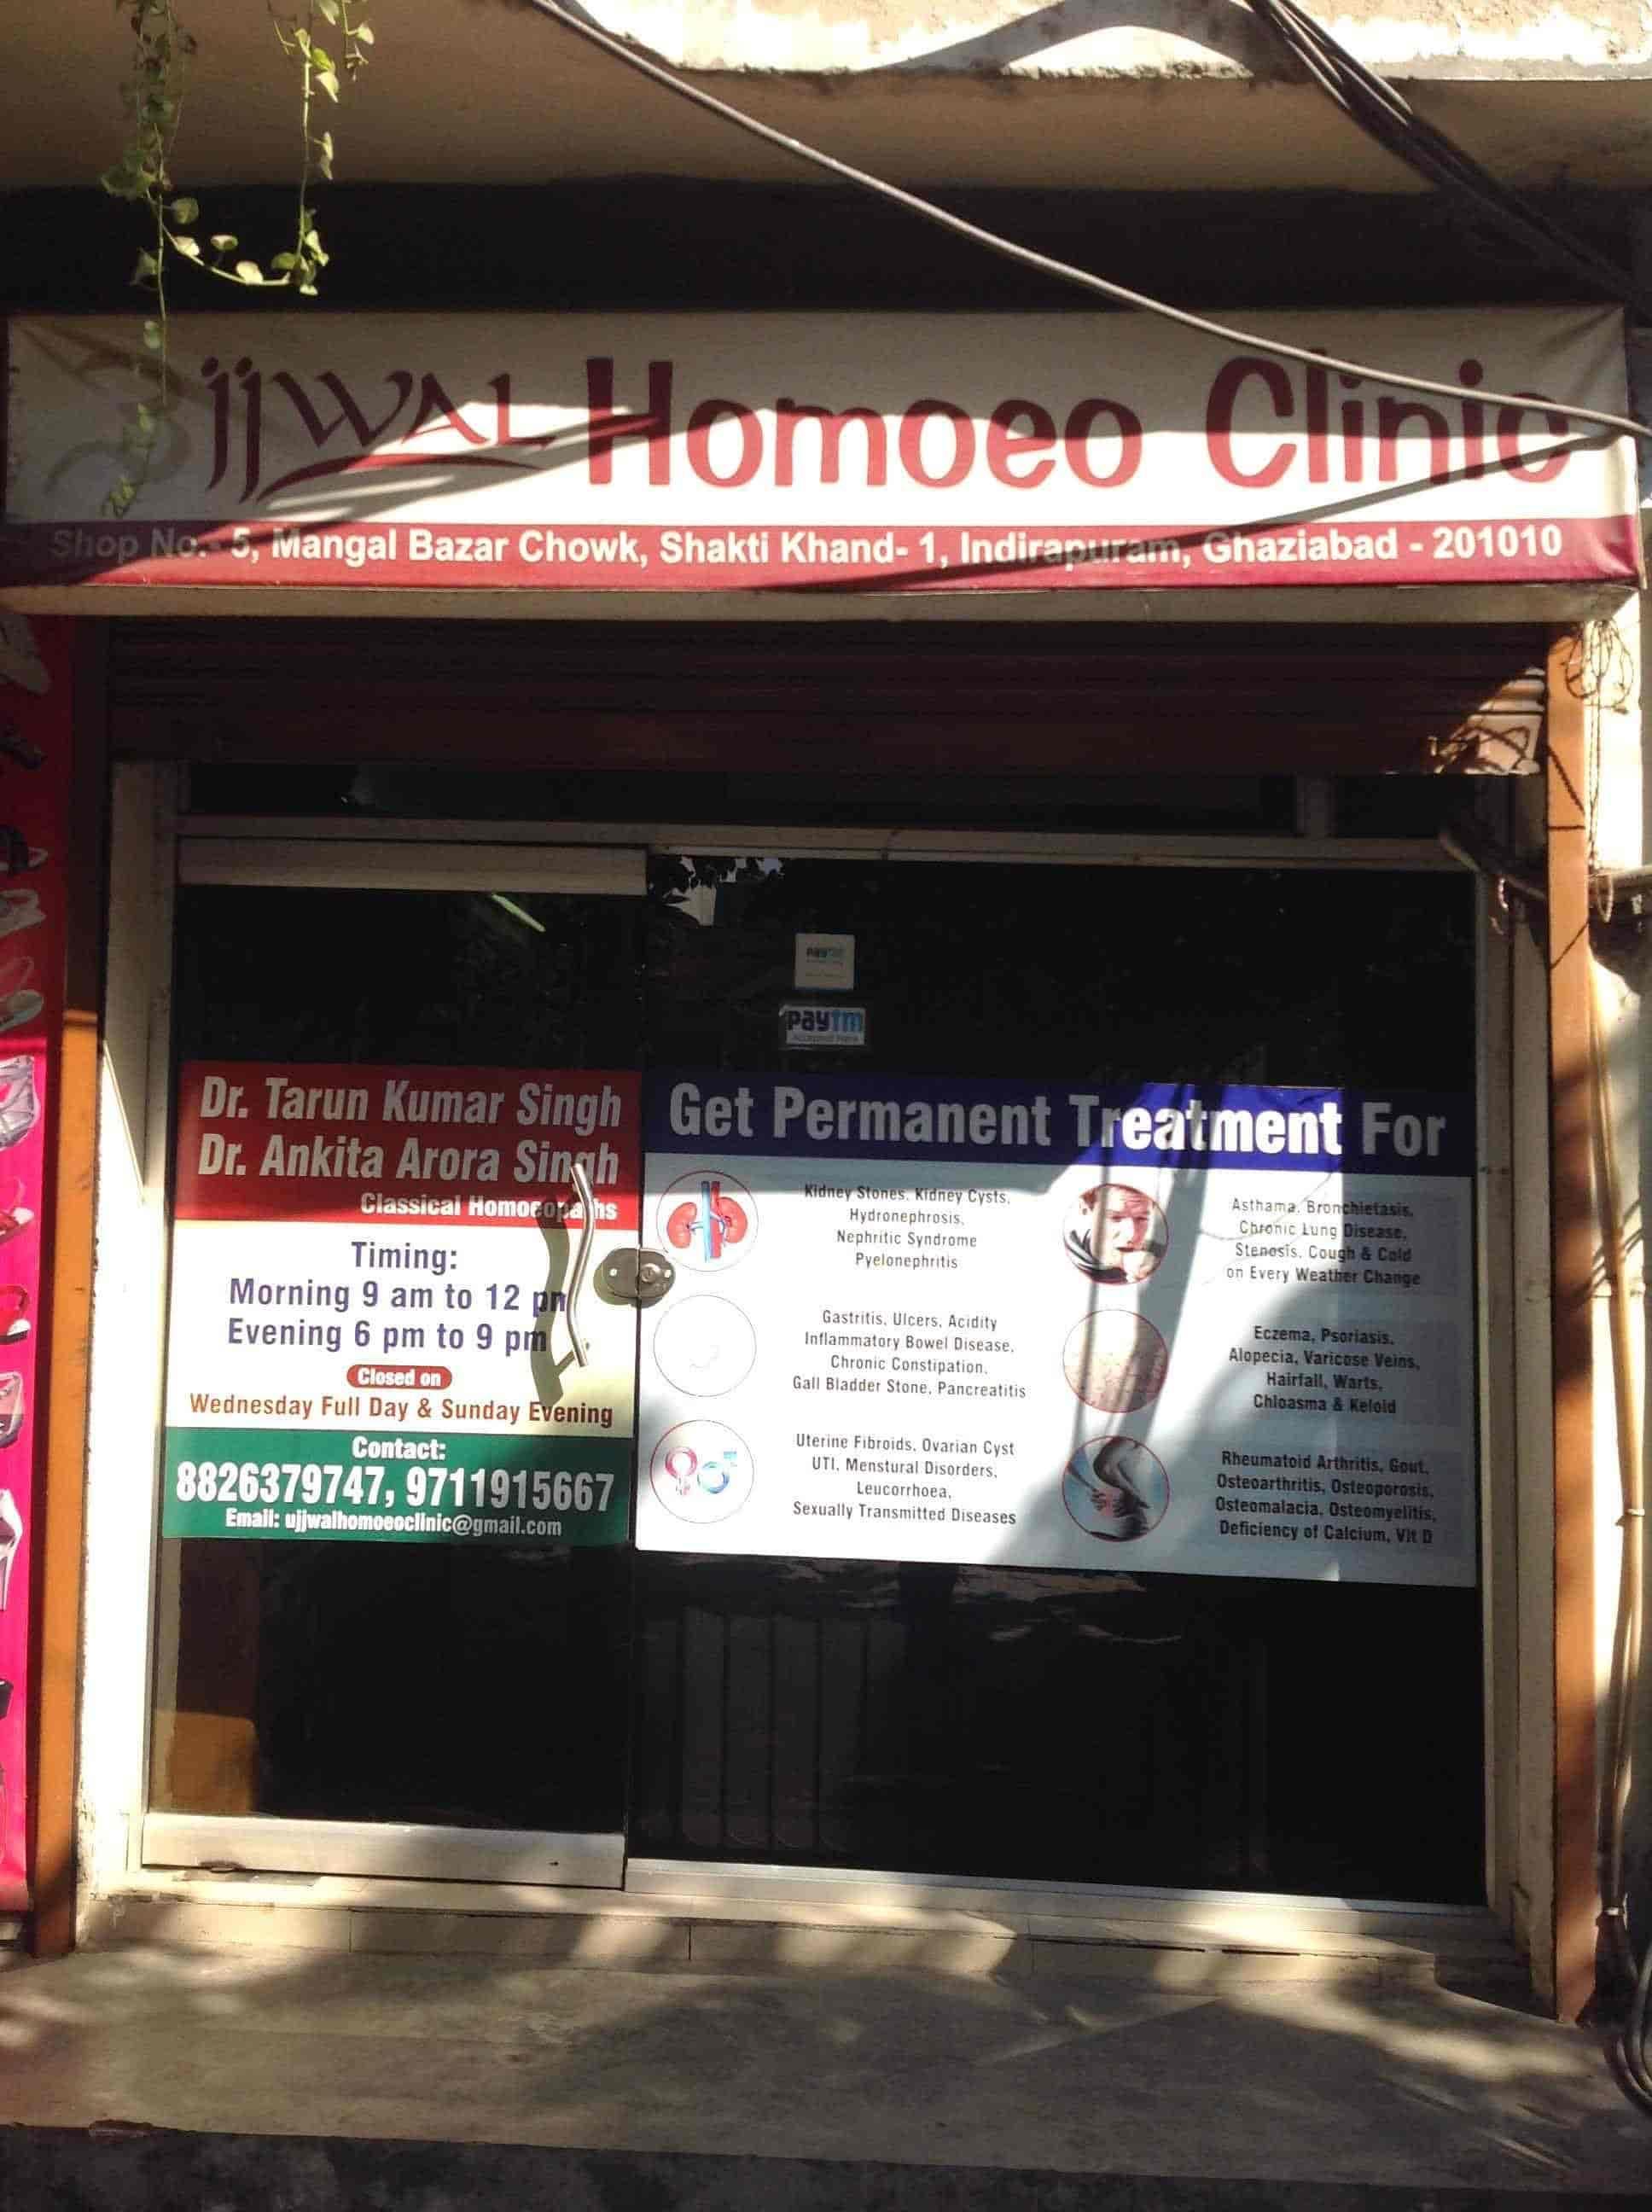 Ujjwal Homoeo Clinic Photos, Indirapuram, Ghaziabad